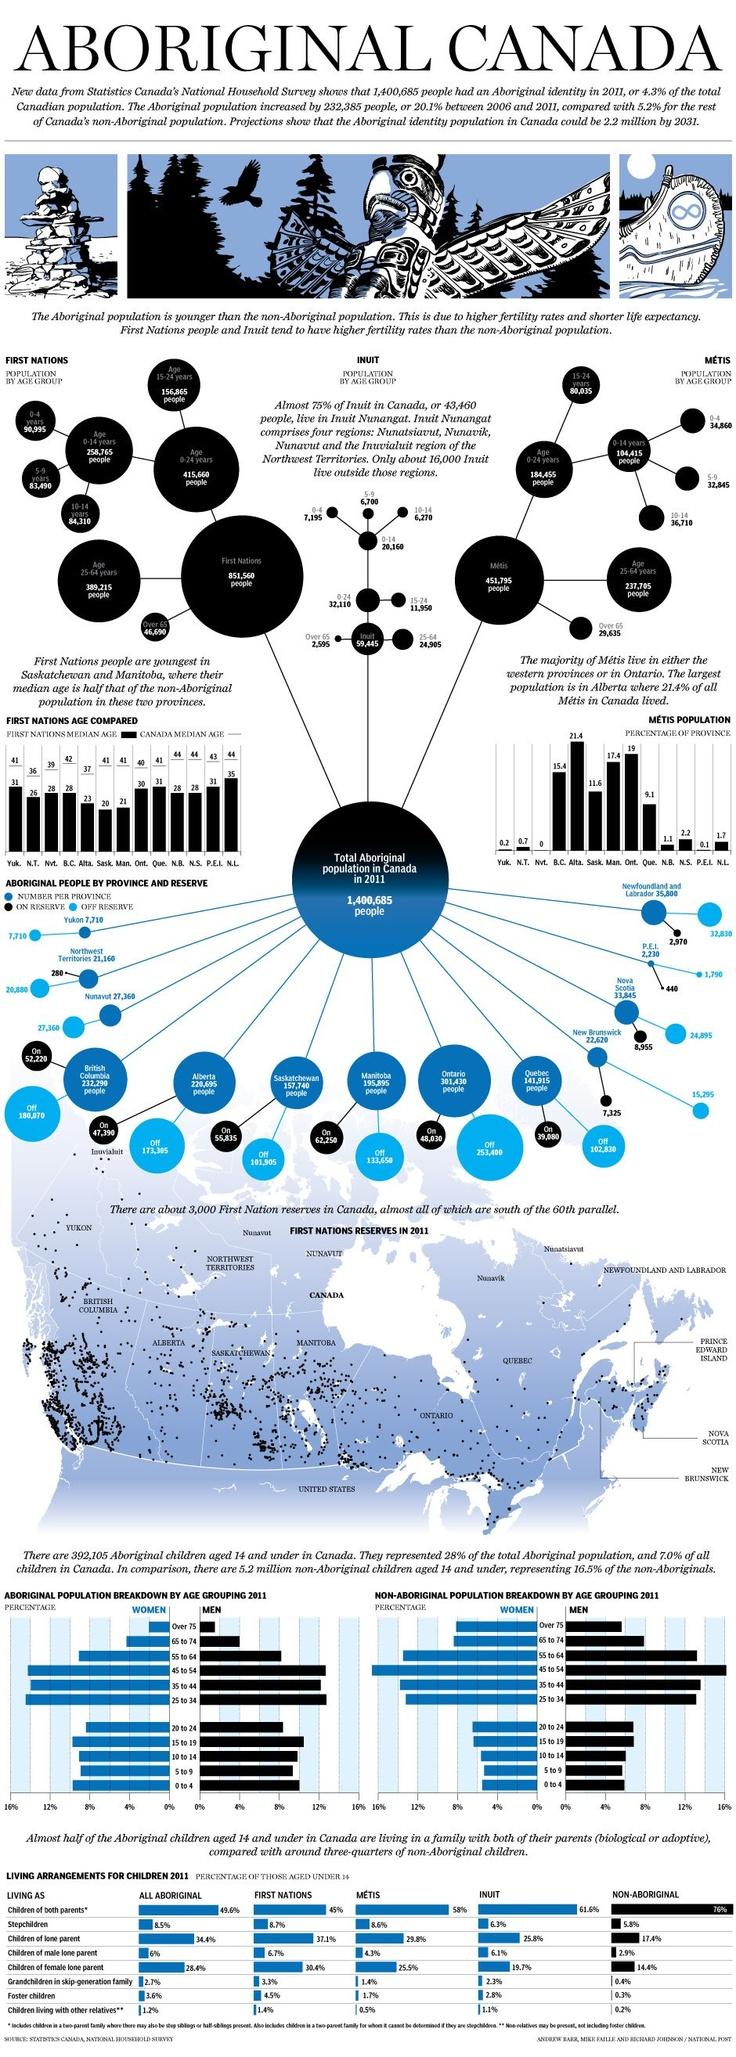 Graphic: Aboriginal Canada